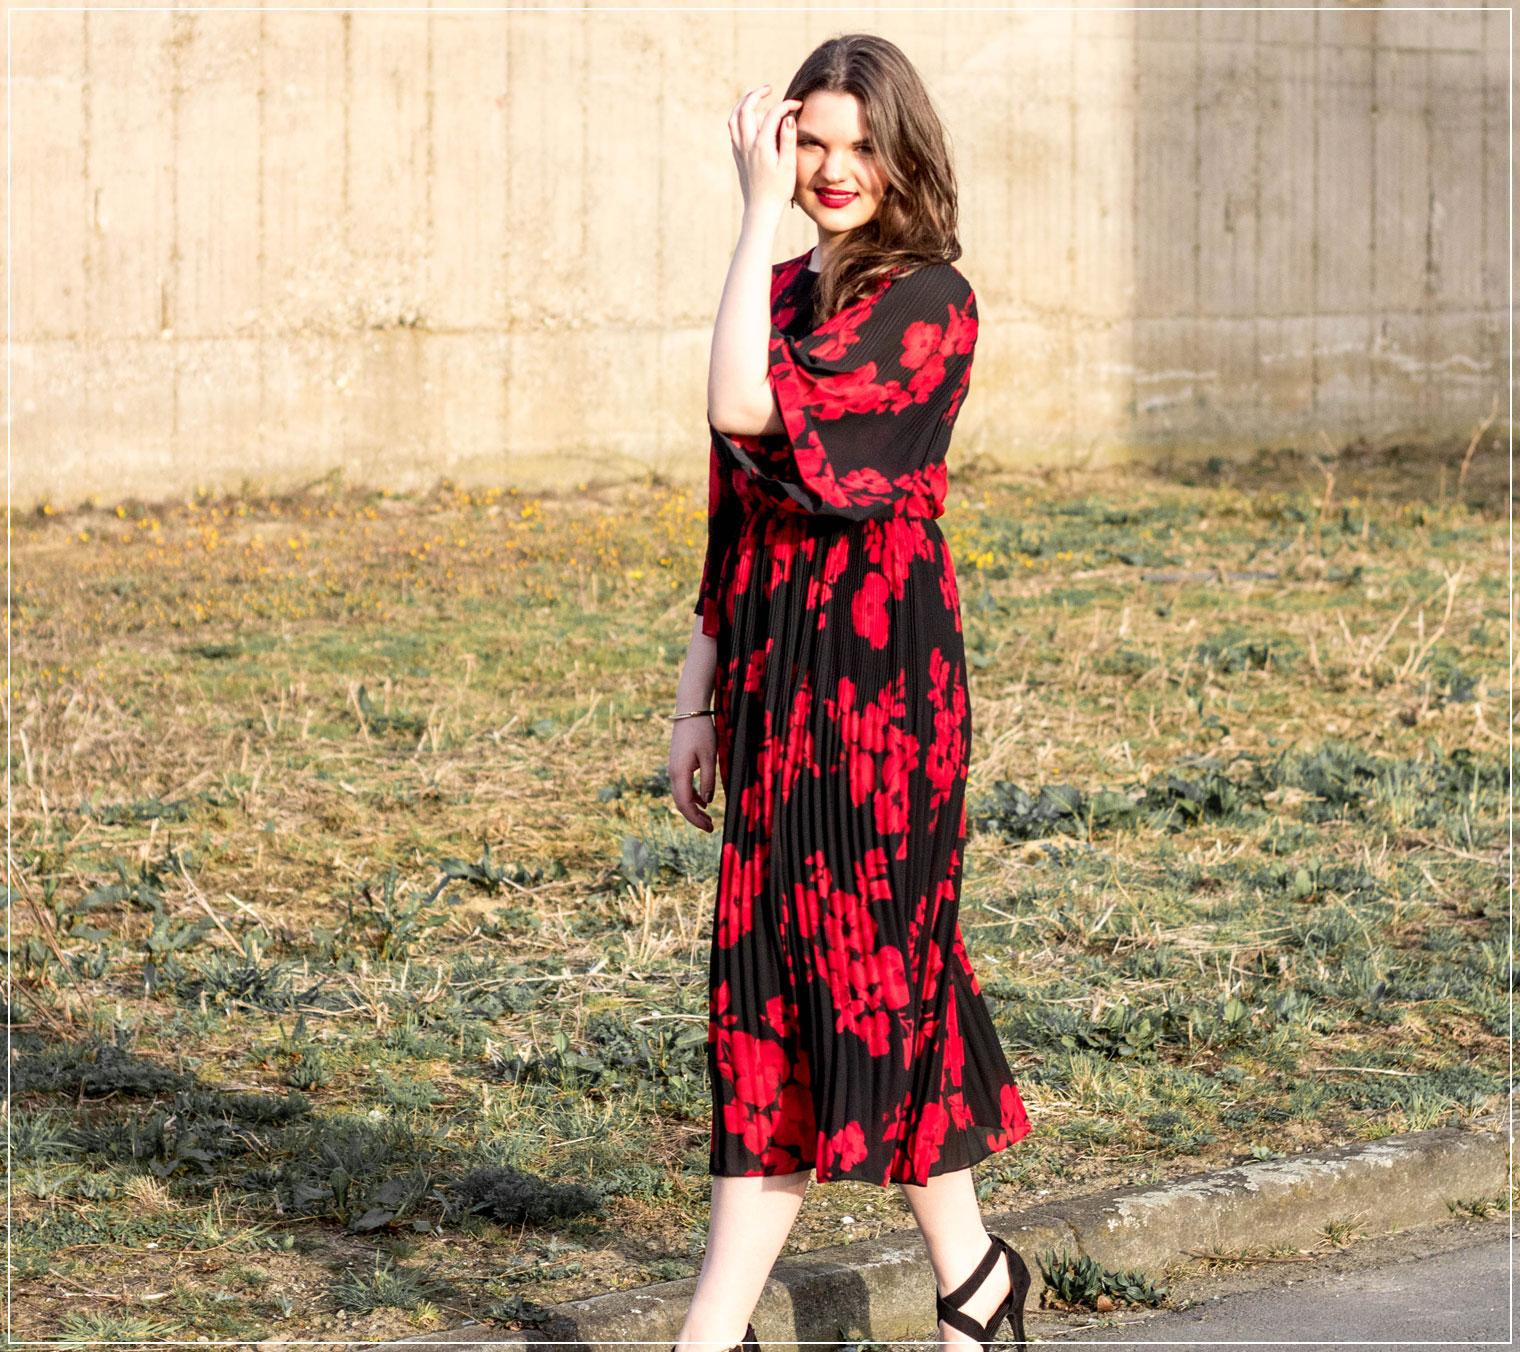 Kleider, modische Entwicklung, Mode im Zeitablauf, persoenliche Entwicklung, Fashionblog, Modeblog, Modeblogger Deutschland, Fashionblogger